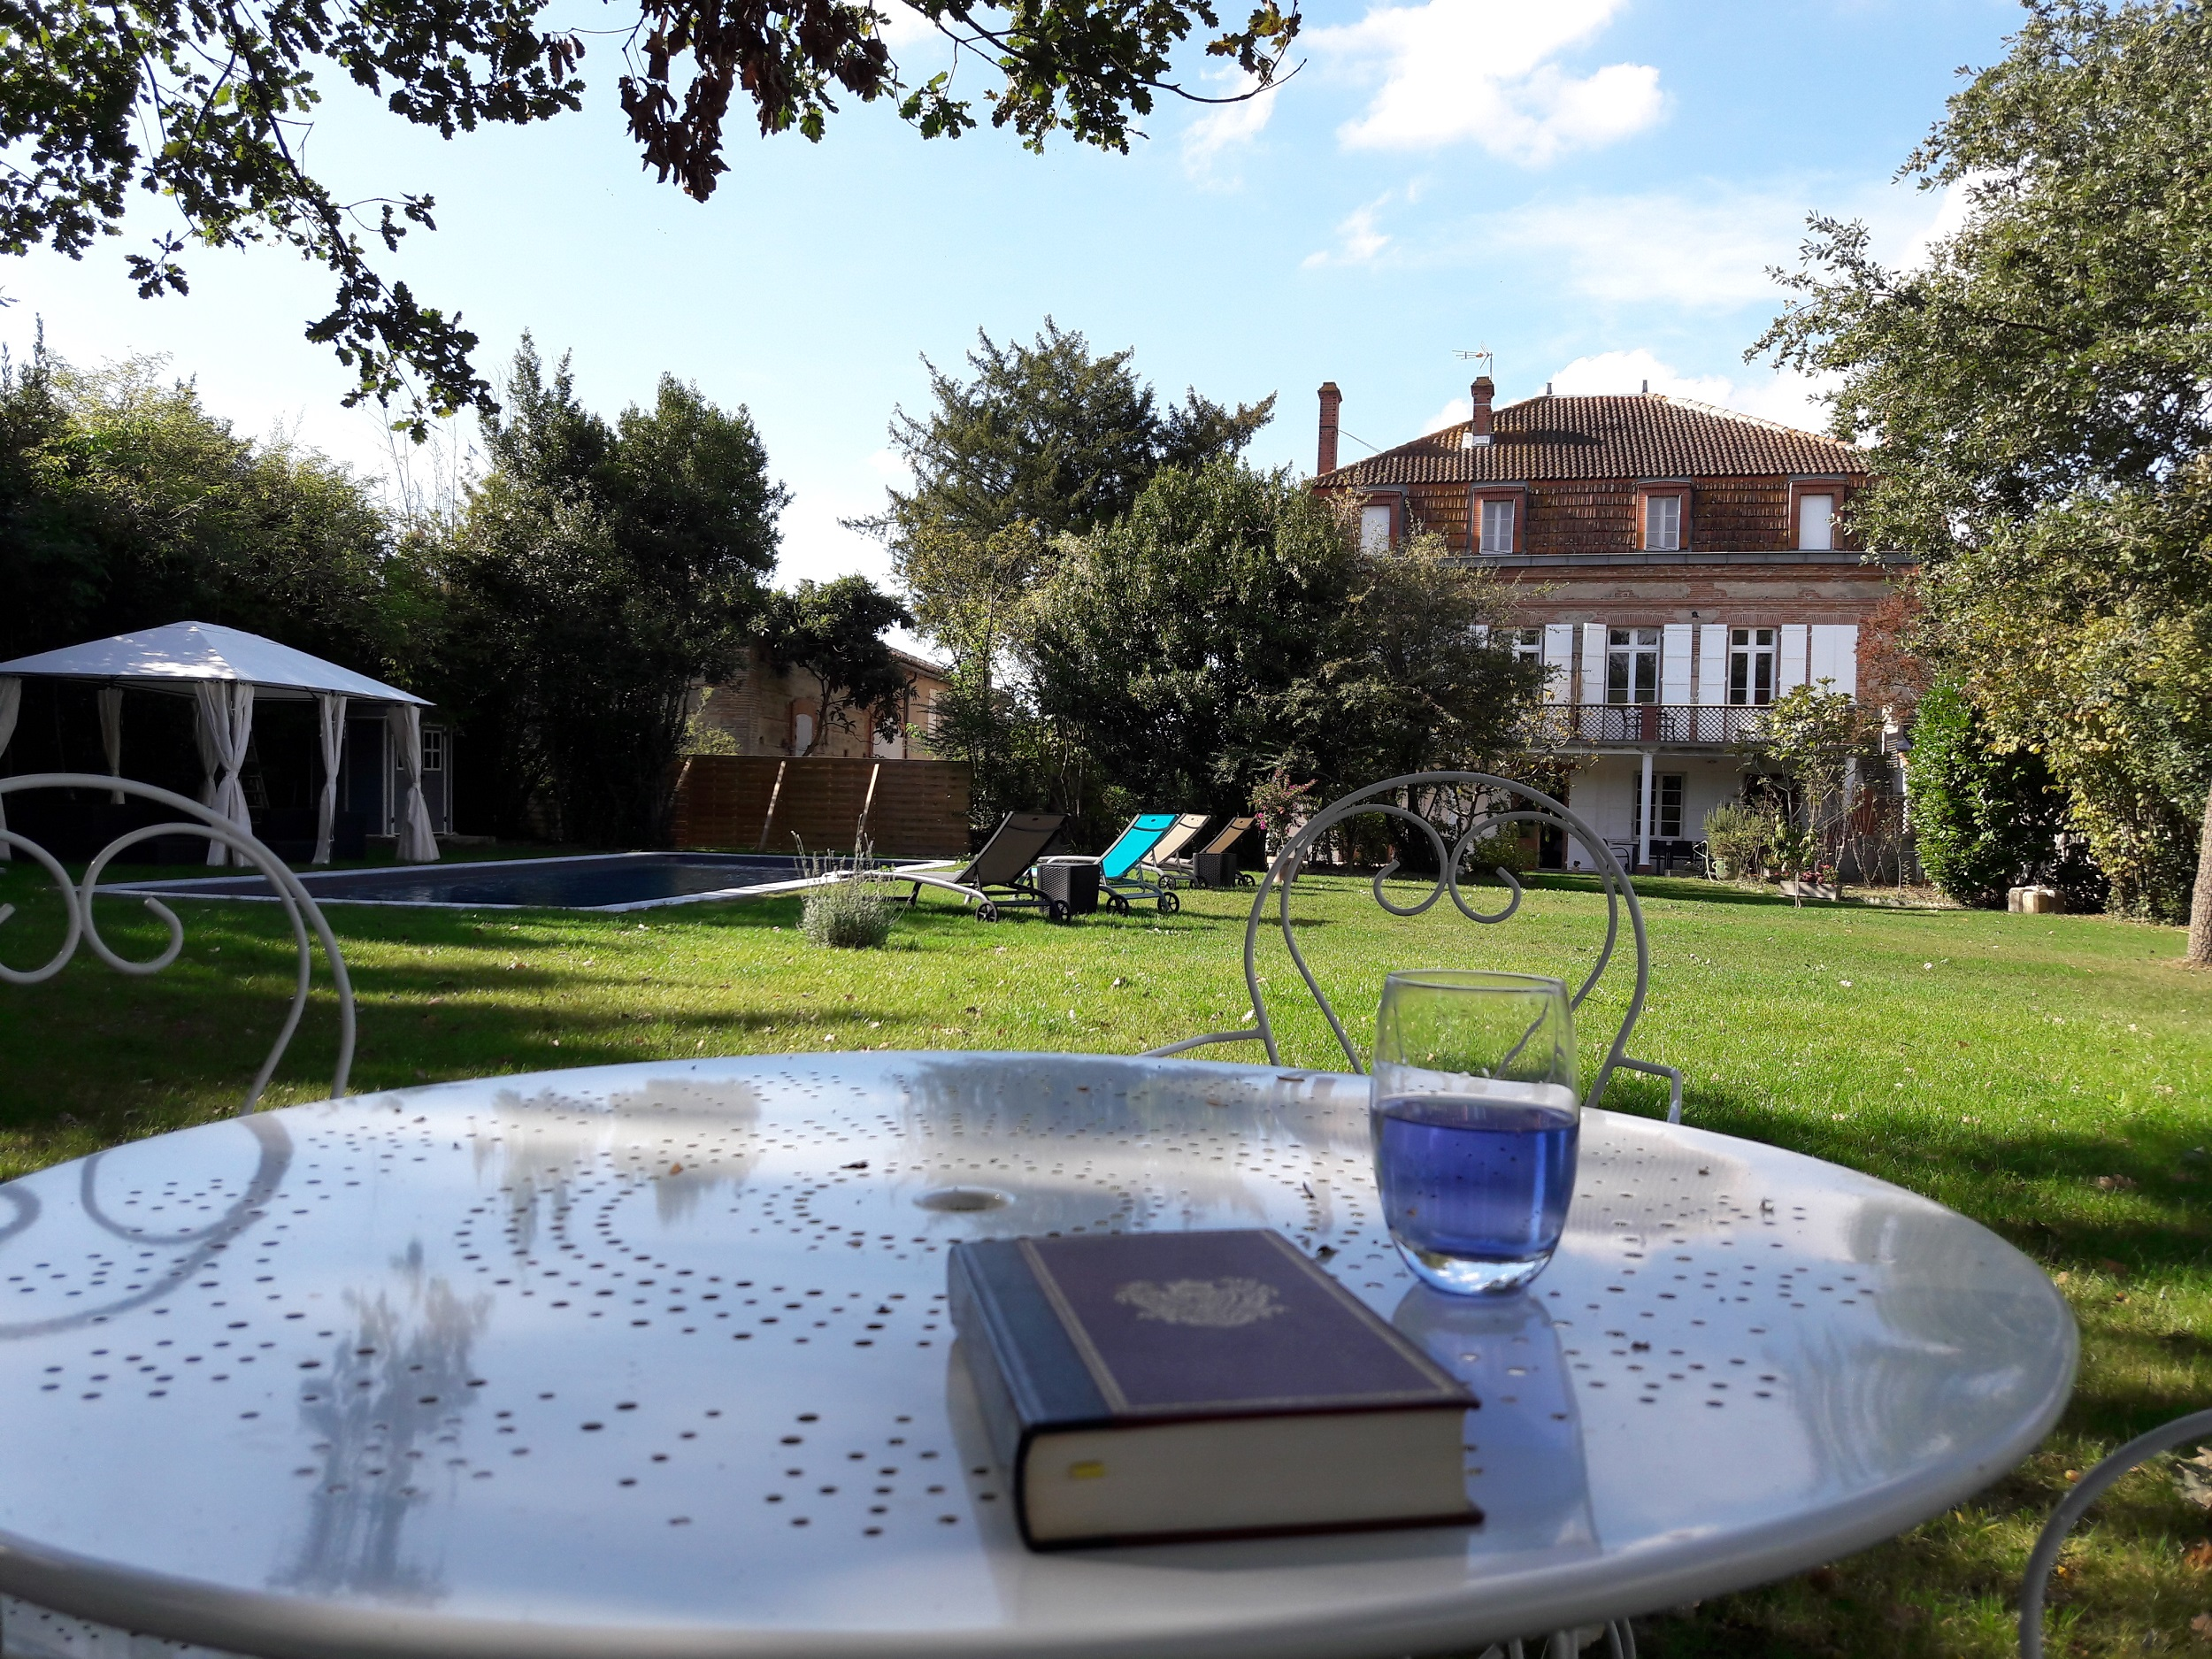 Parc avec salon de jardin pour un moment de détebte avec un livre ou une boisson avec vue sur la piscine